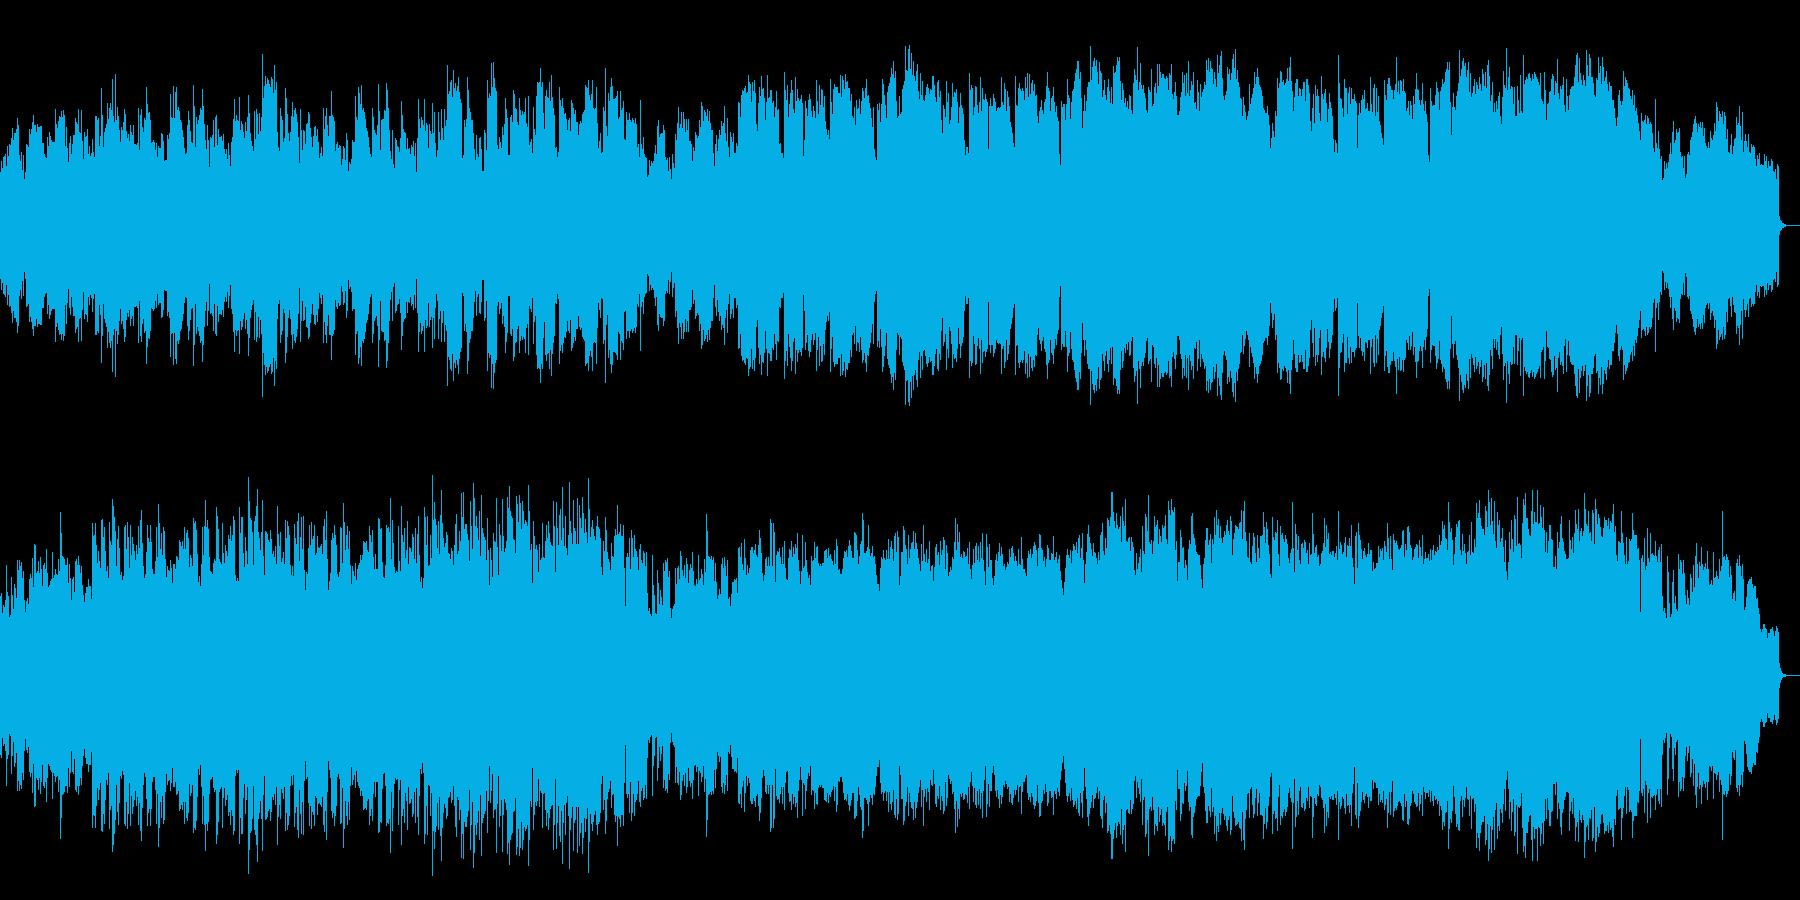 ピアノ中心の優しい演歌風メロディアス楽曲の再生済みの波形